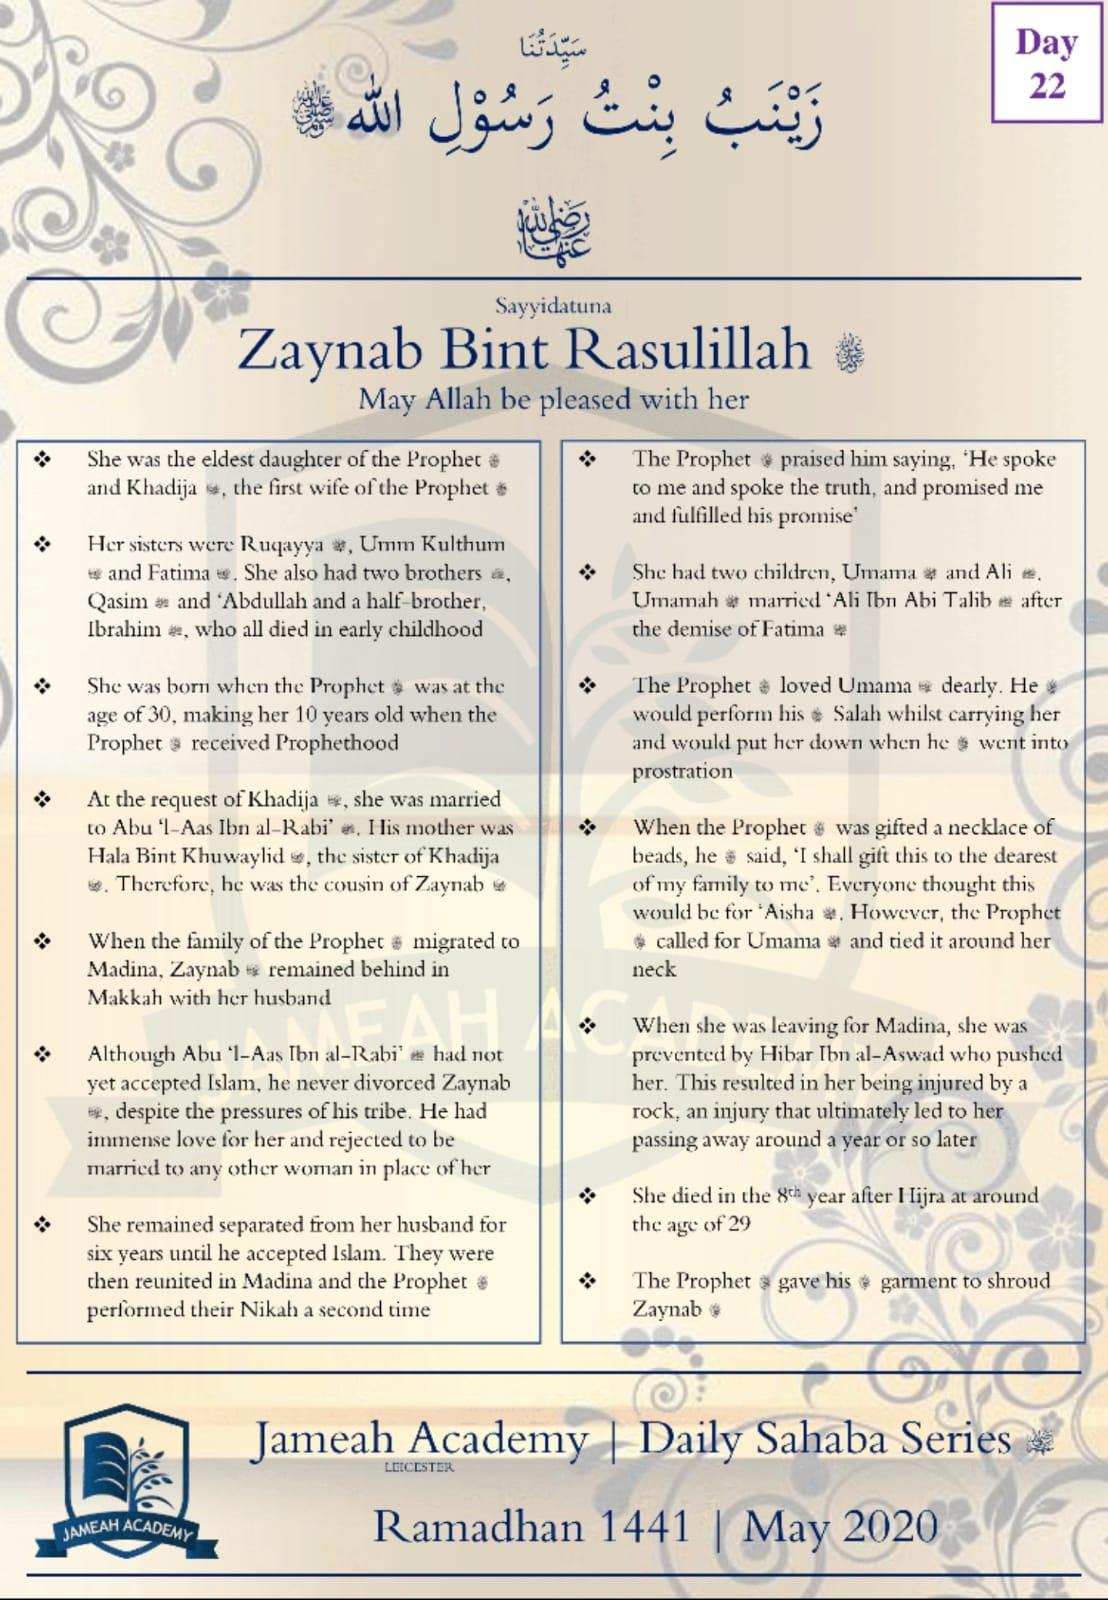 Sahaba 22